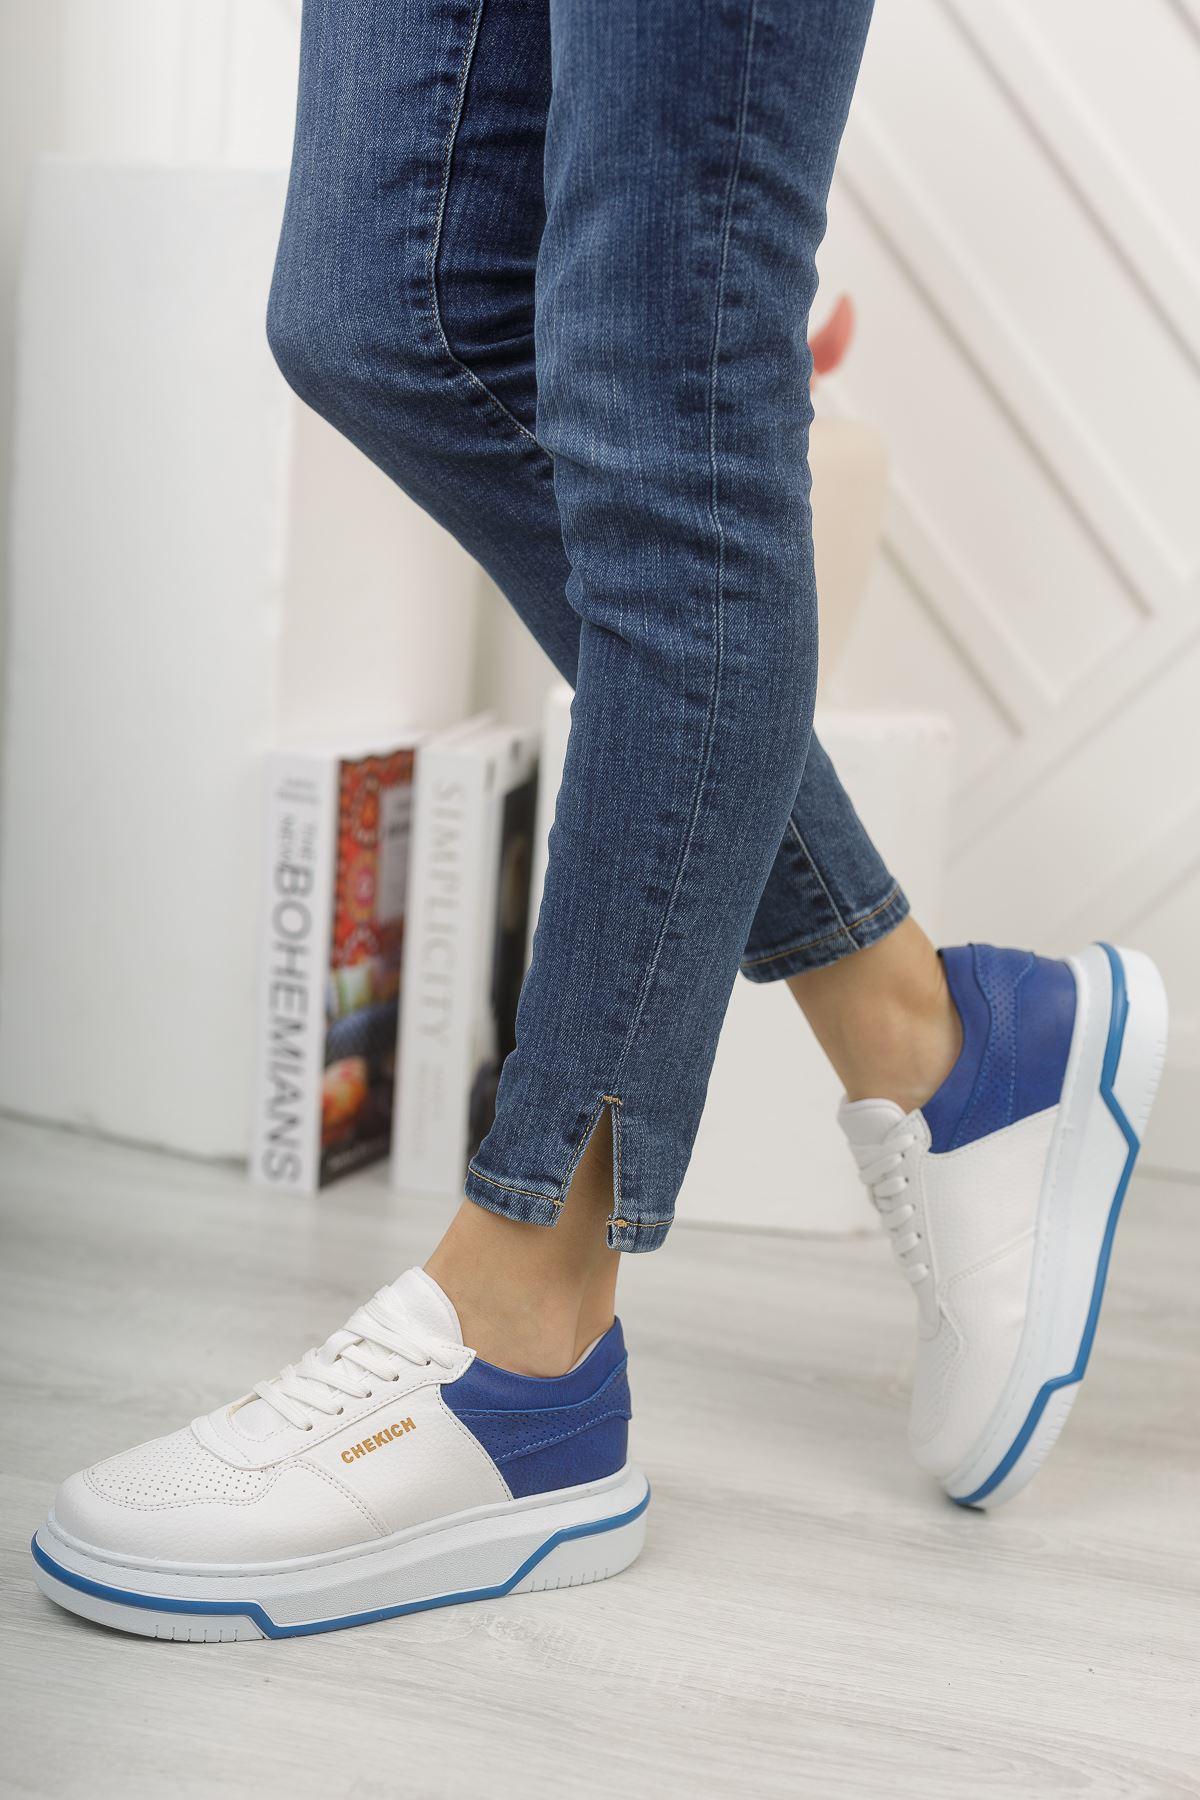 Chekich CH075 İpekyol BT Kadın Ayakkabı BEYAZ / SAX MAVİ